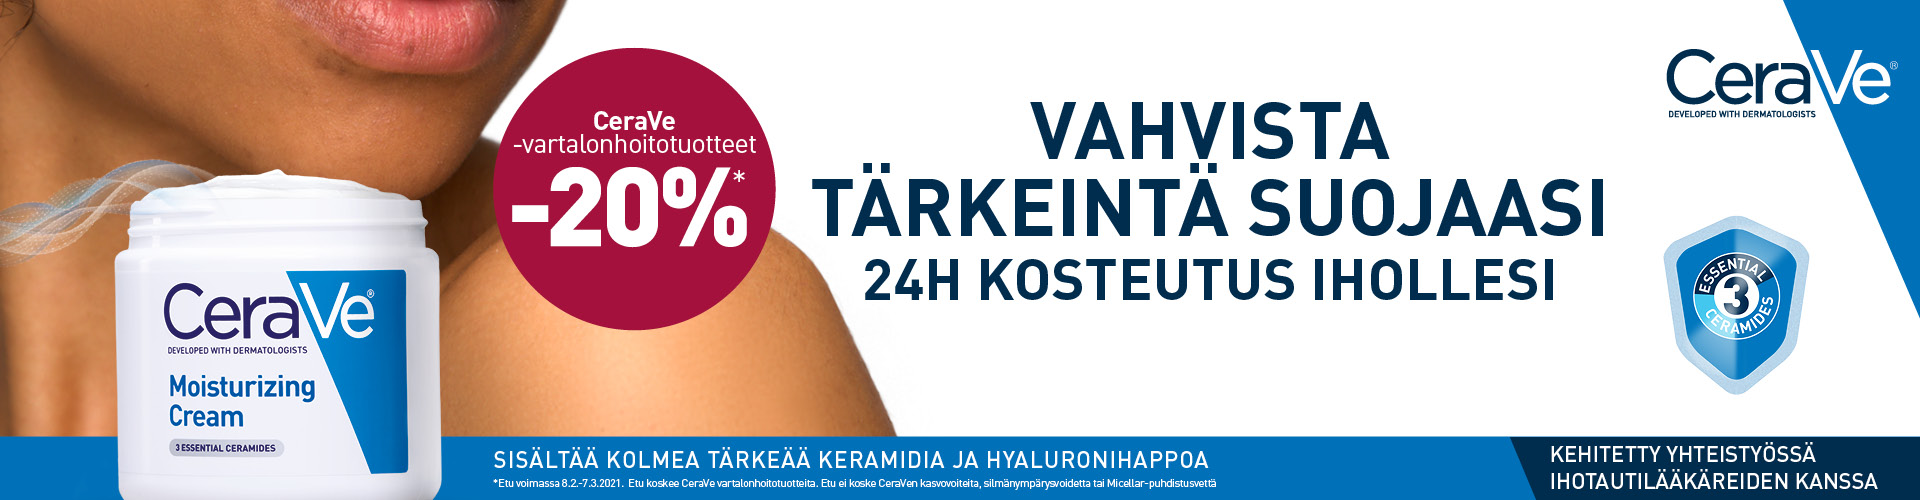 CeraVe vartalonhoitotuotteet -20 %